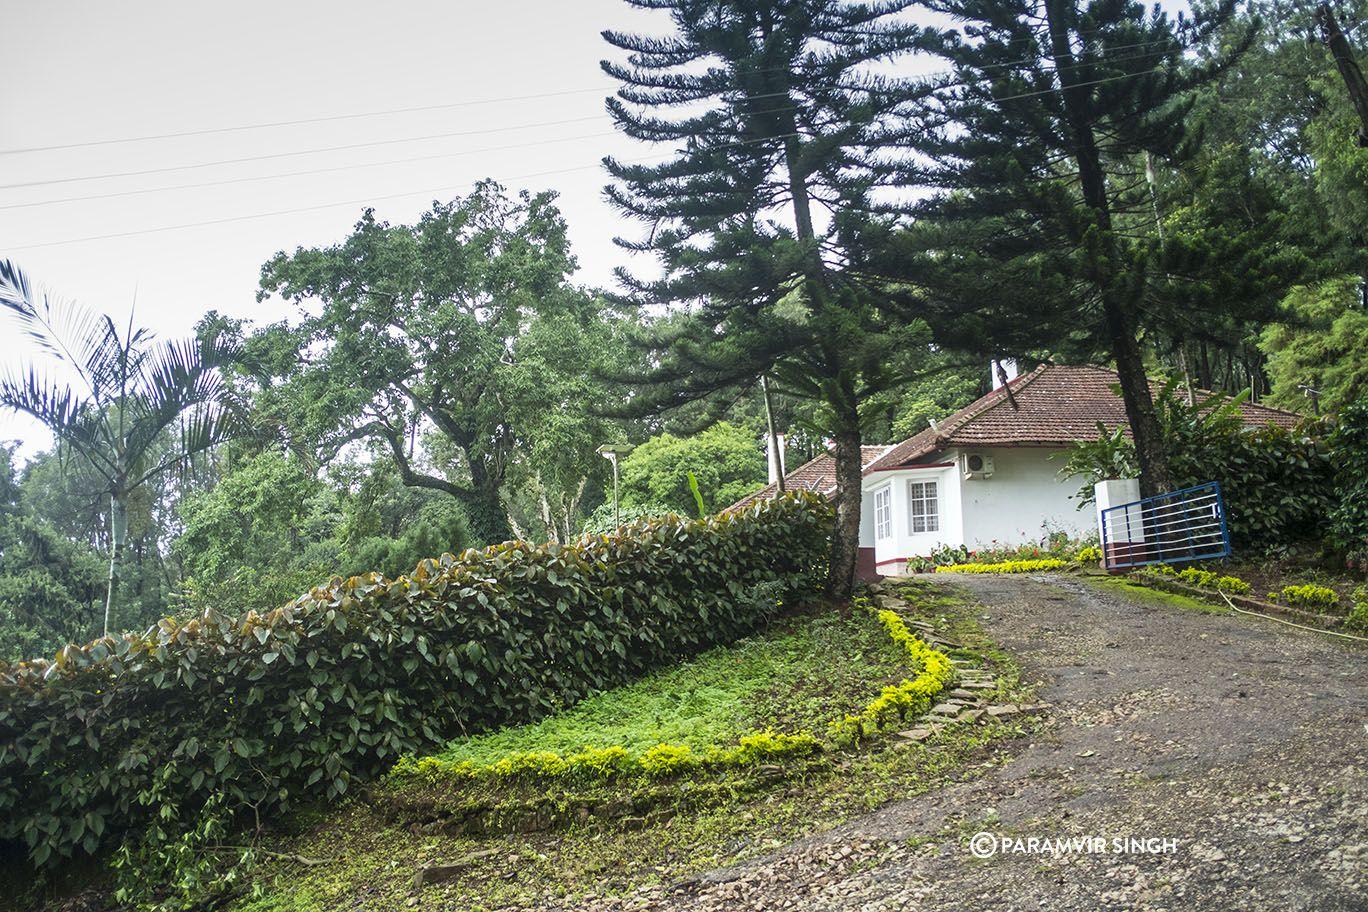 L A Places Bungalow Heaven: Chikmagalur : A Dreamy Misty Coffee Heaven